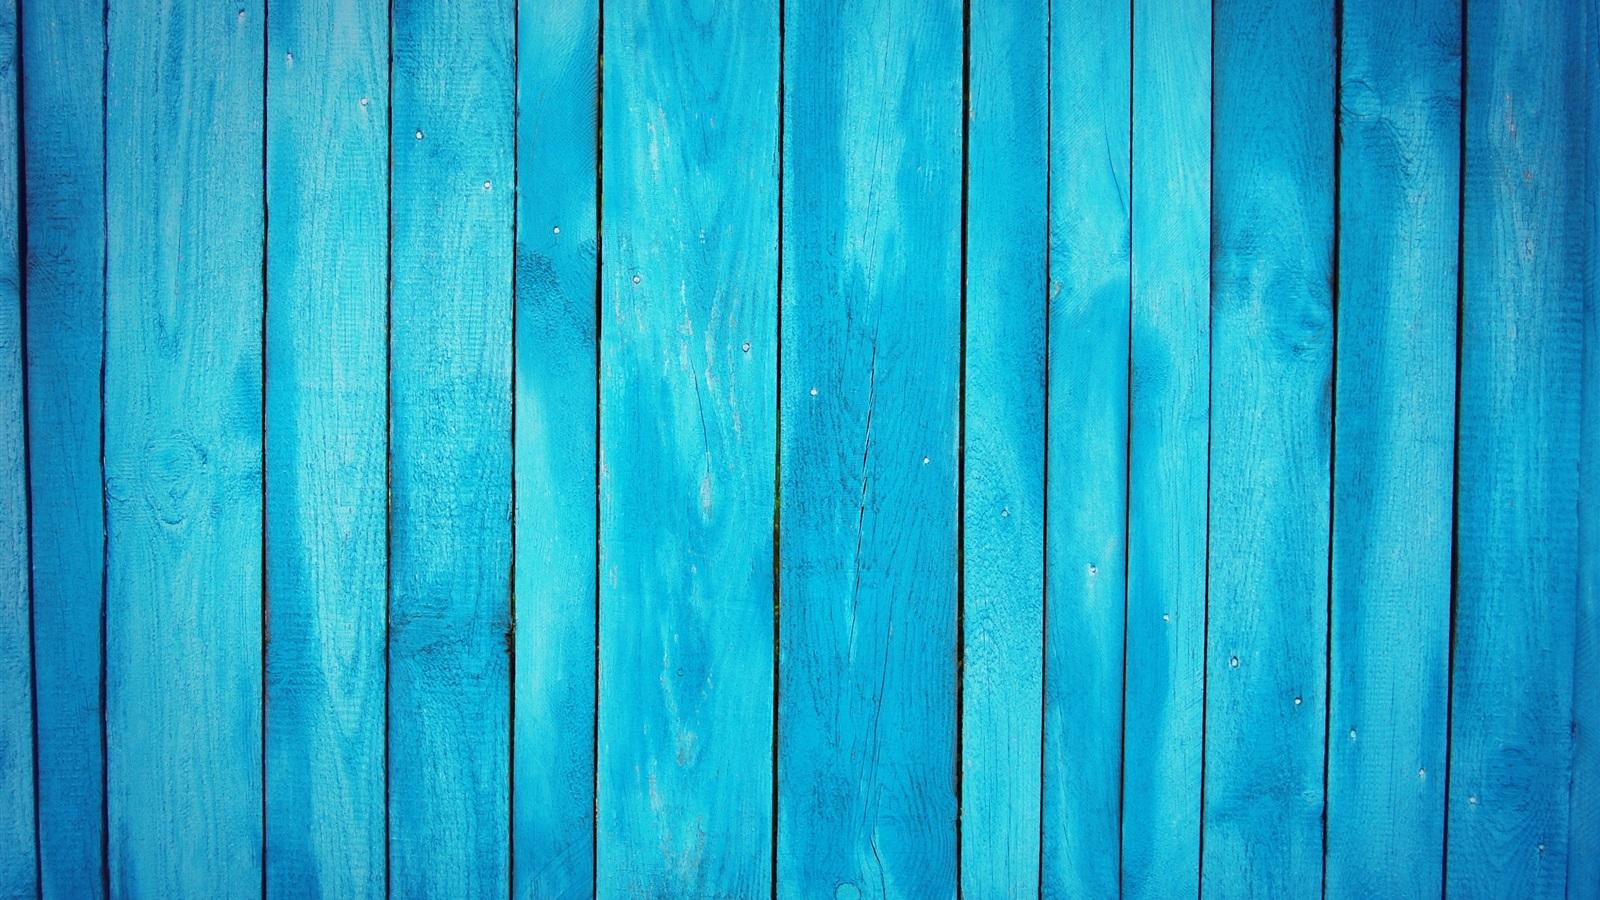 Fondos De Pantalla Fondo De Tablero De Madera Azul